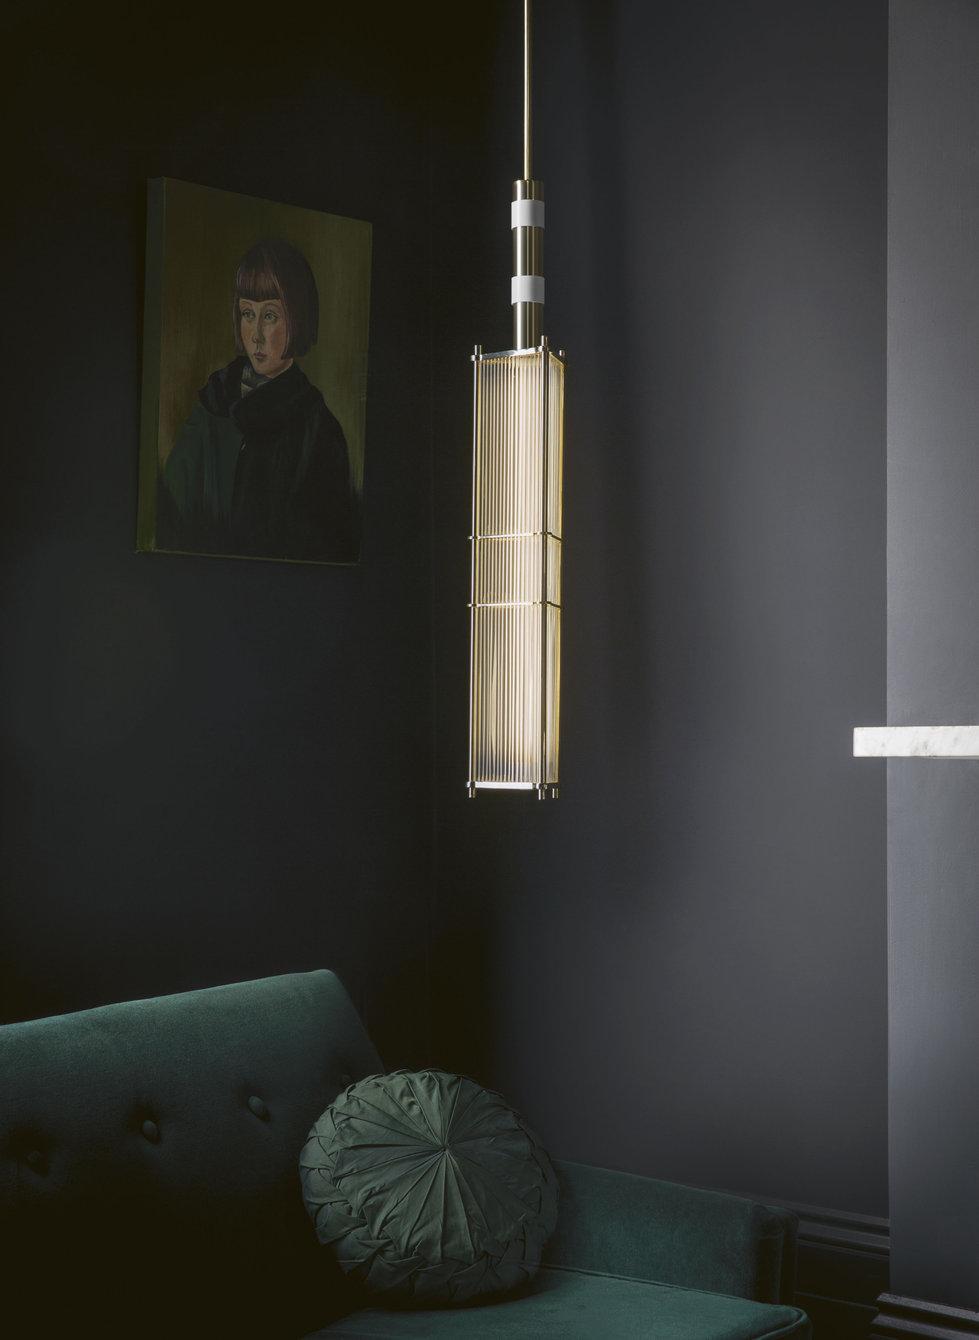 Bertfrank Подвесной светильник Arbor от английского бренда Bert Frank